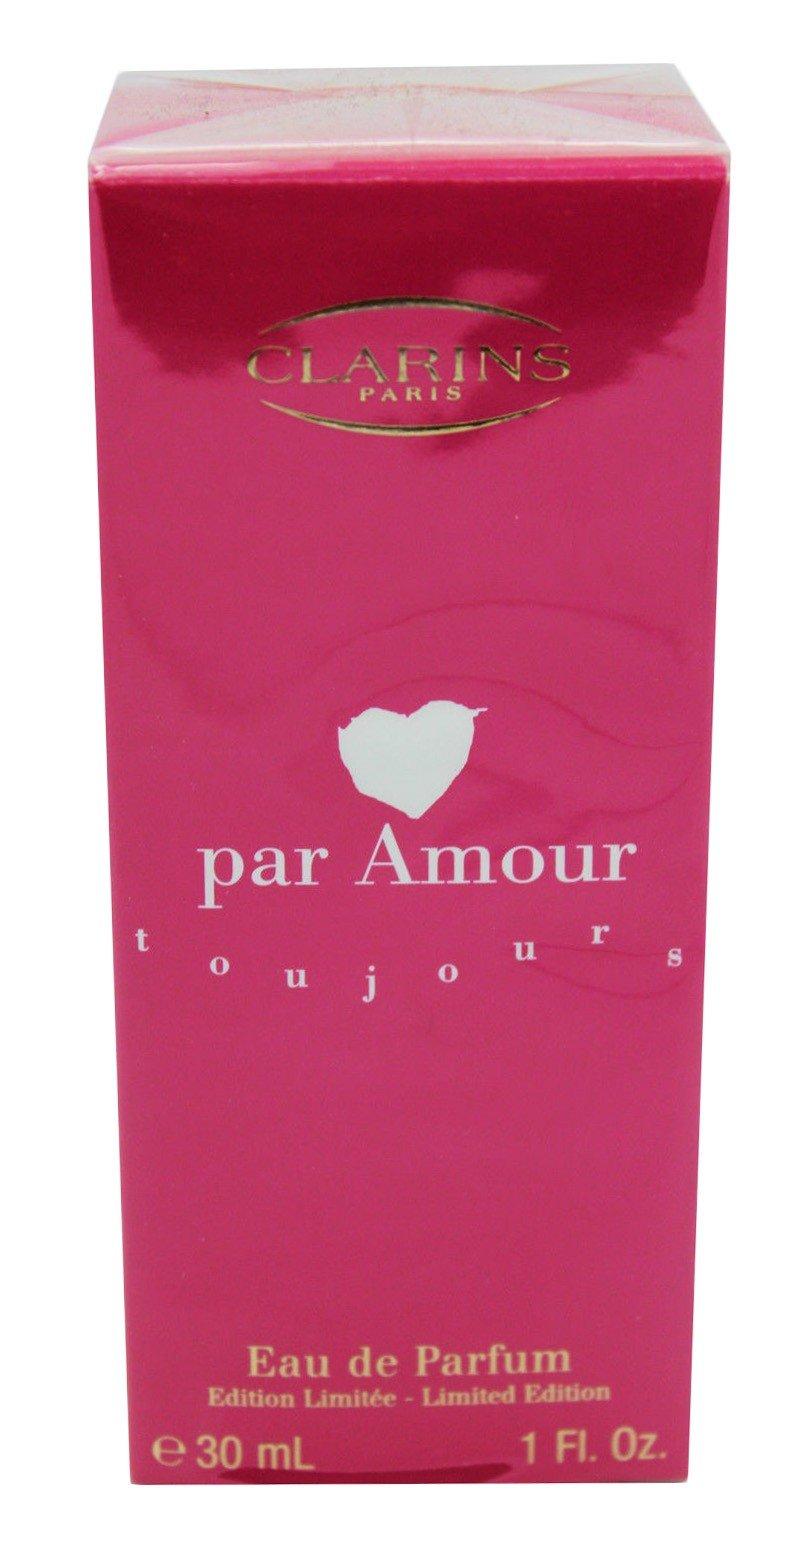 Clarins Par Amour Toujours, edt 30ml